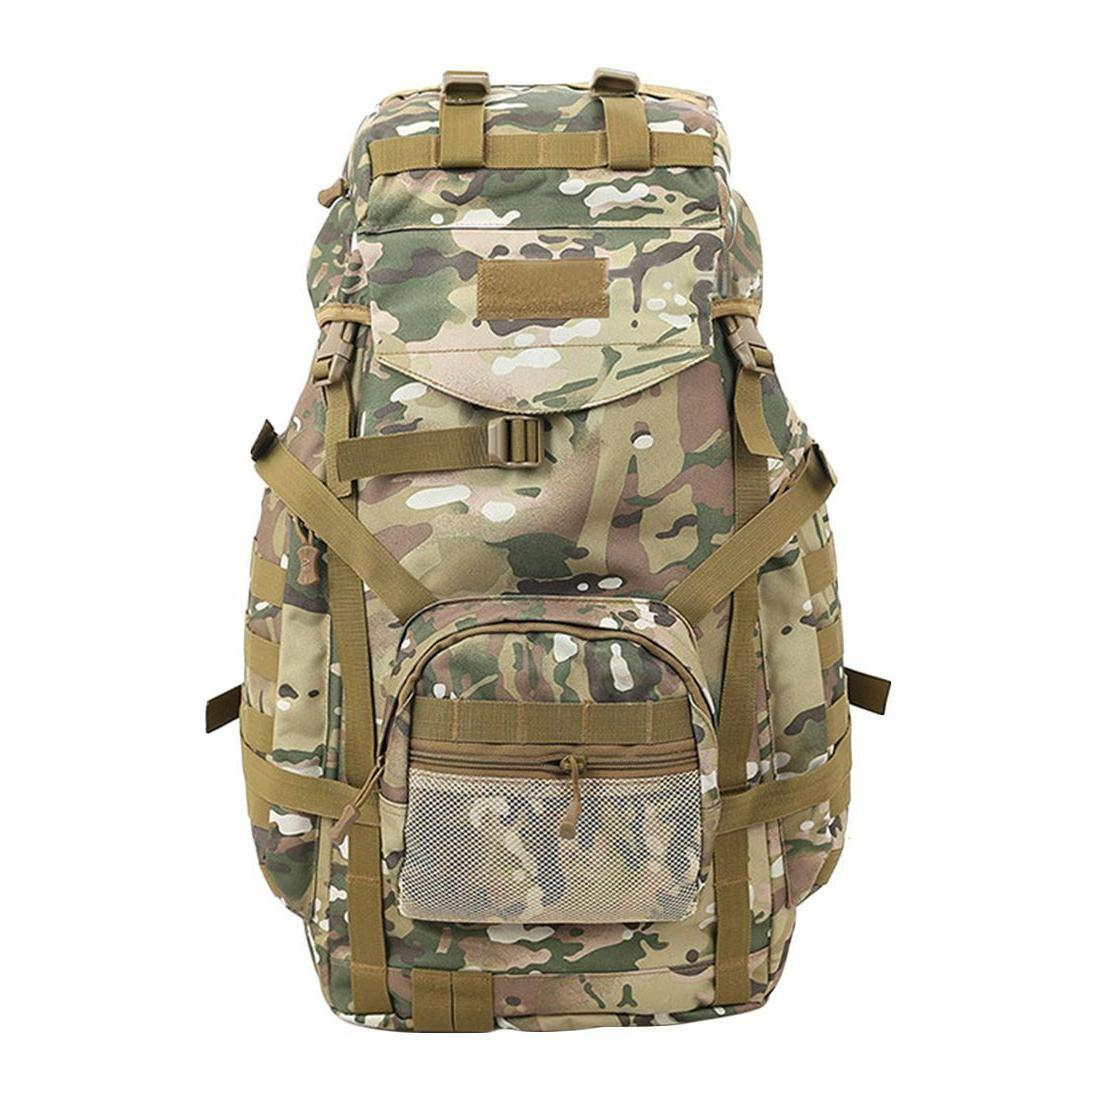 Military Rucksack Backpack Space Sack Camping Male Hiking Hu